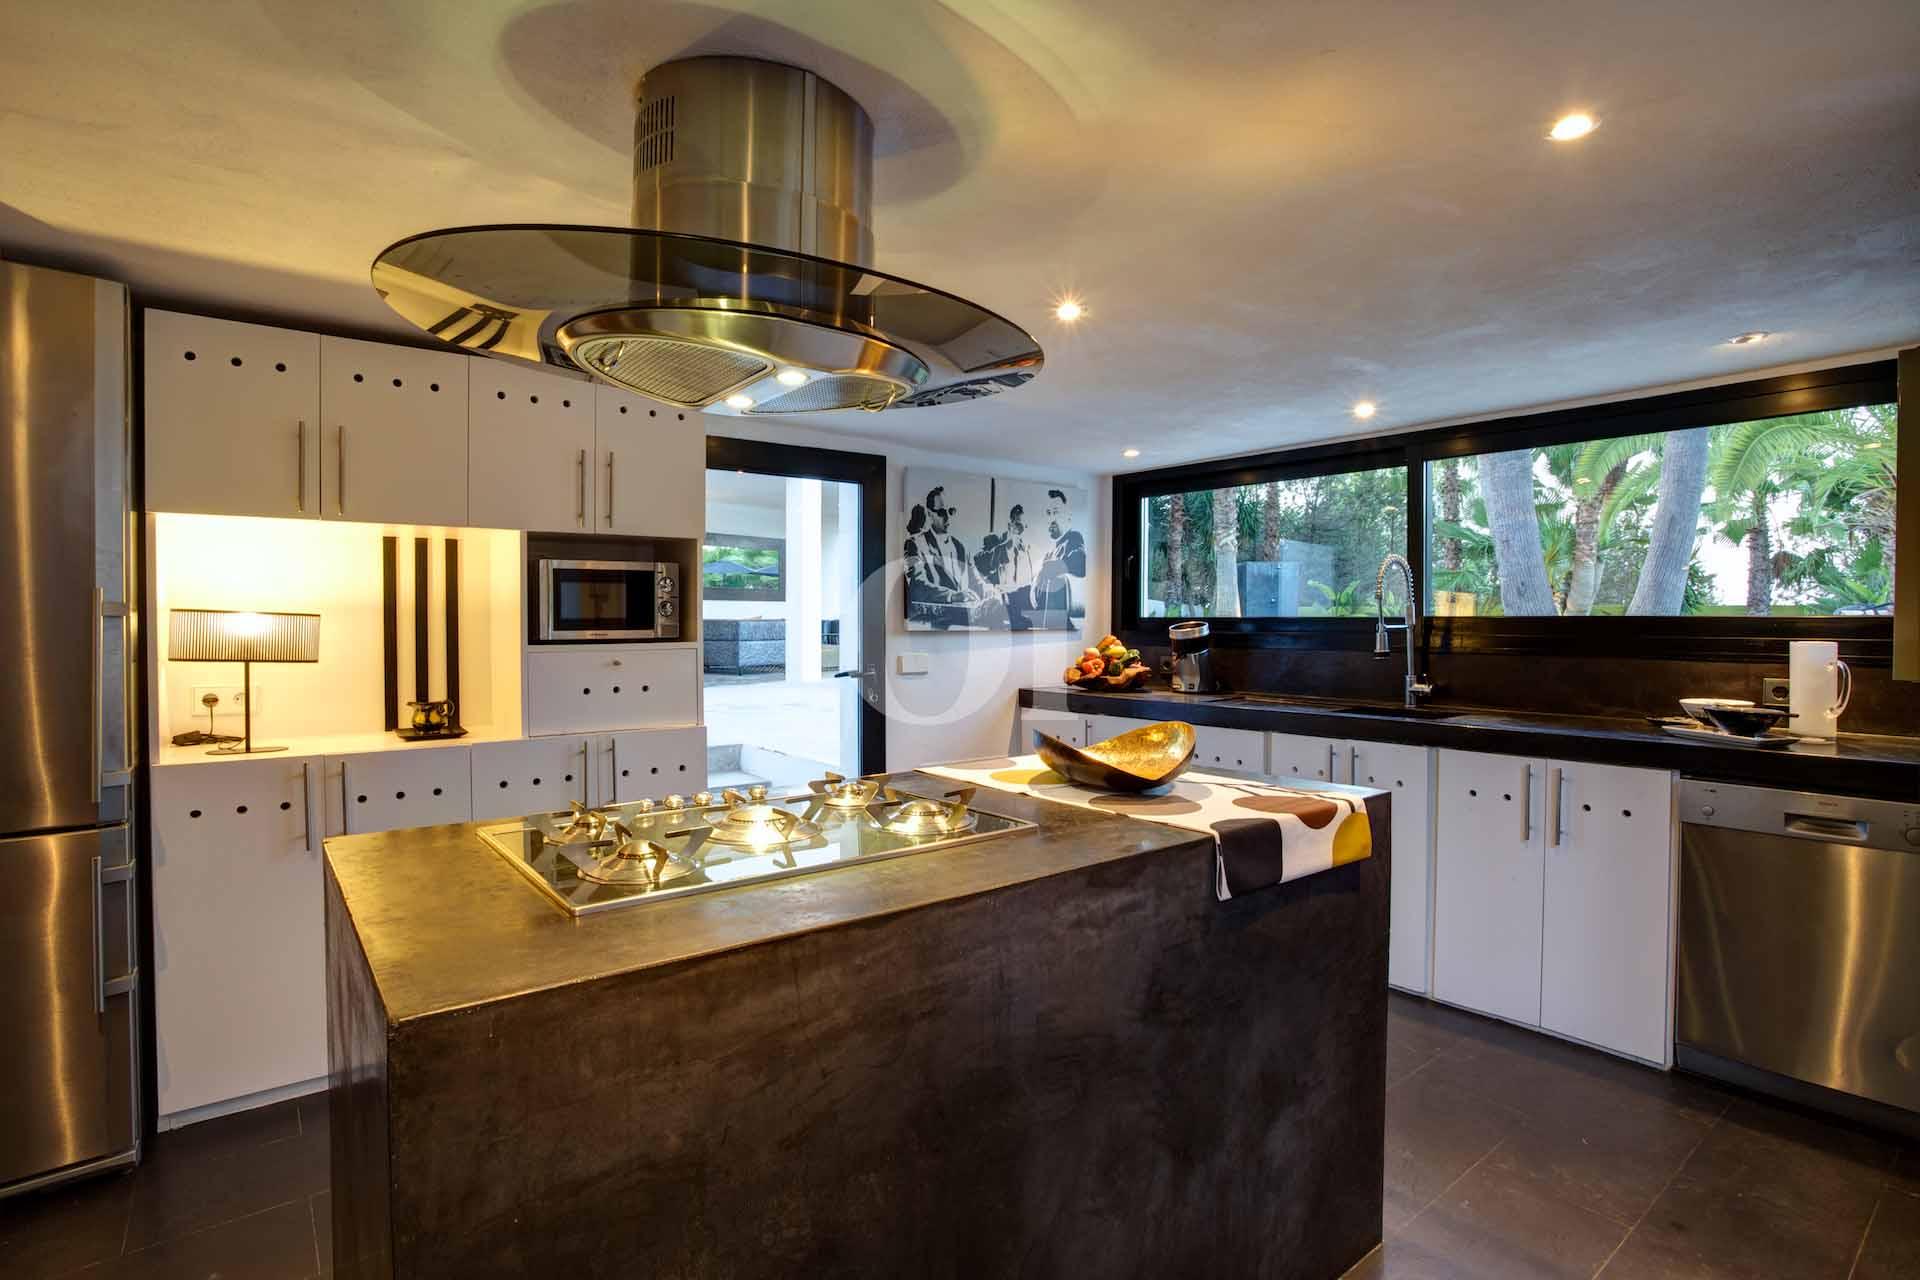 Magnífica cocina amplia con isla central de cocción